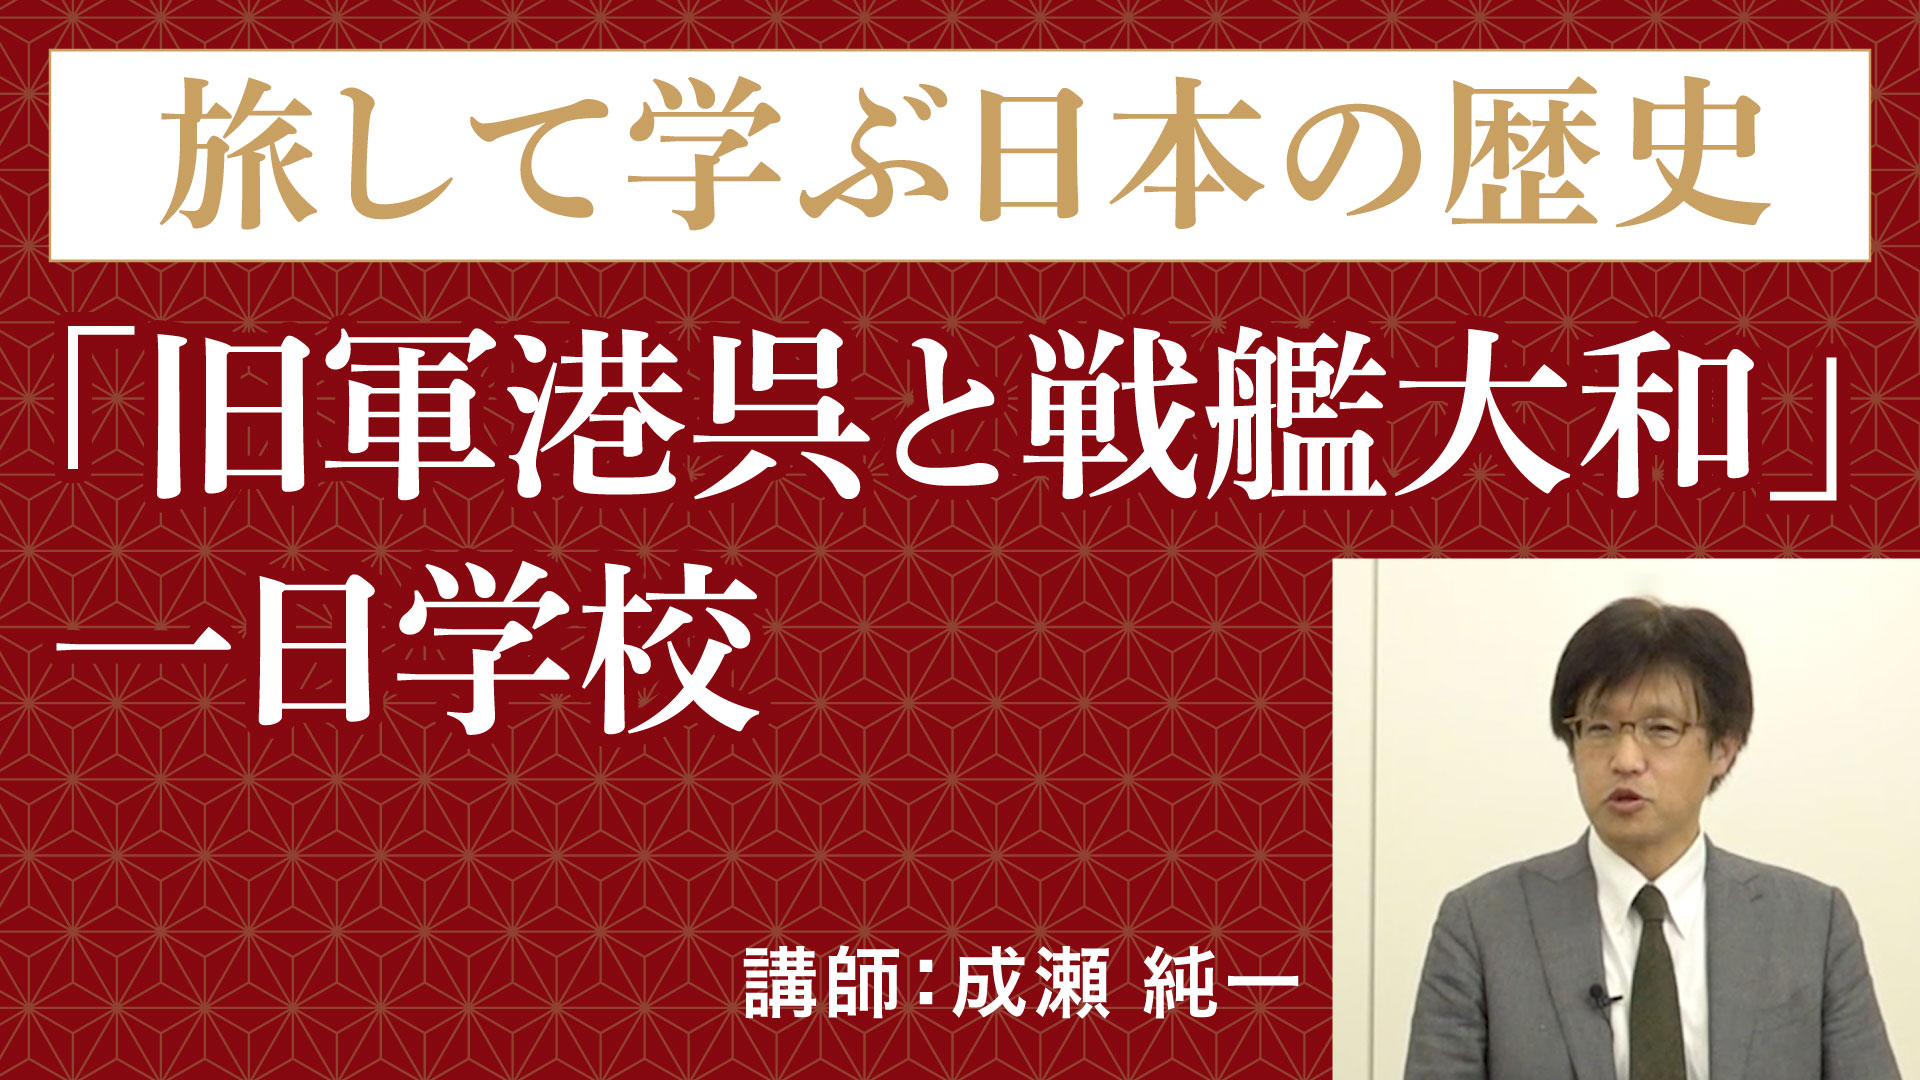 \更新/【歴史】旅して学ぶ日本の歴史「旧軍港呉と戦艦大和」一日学校